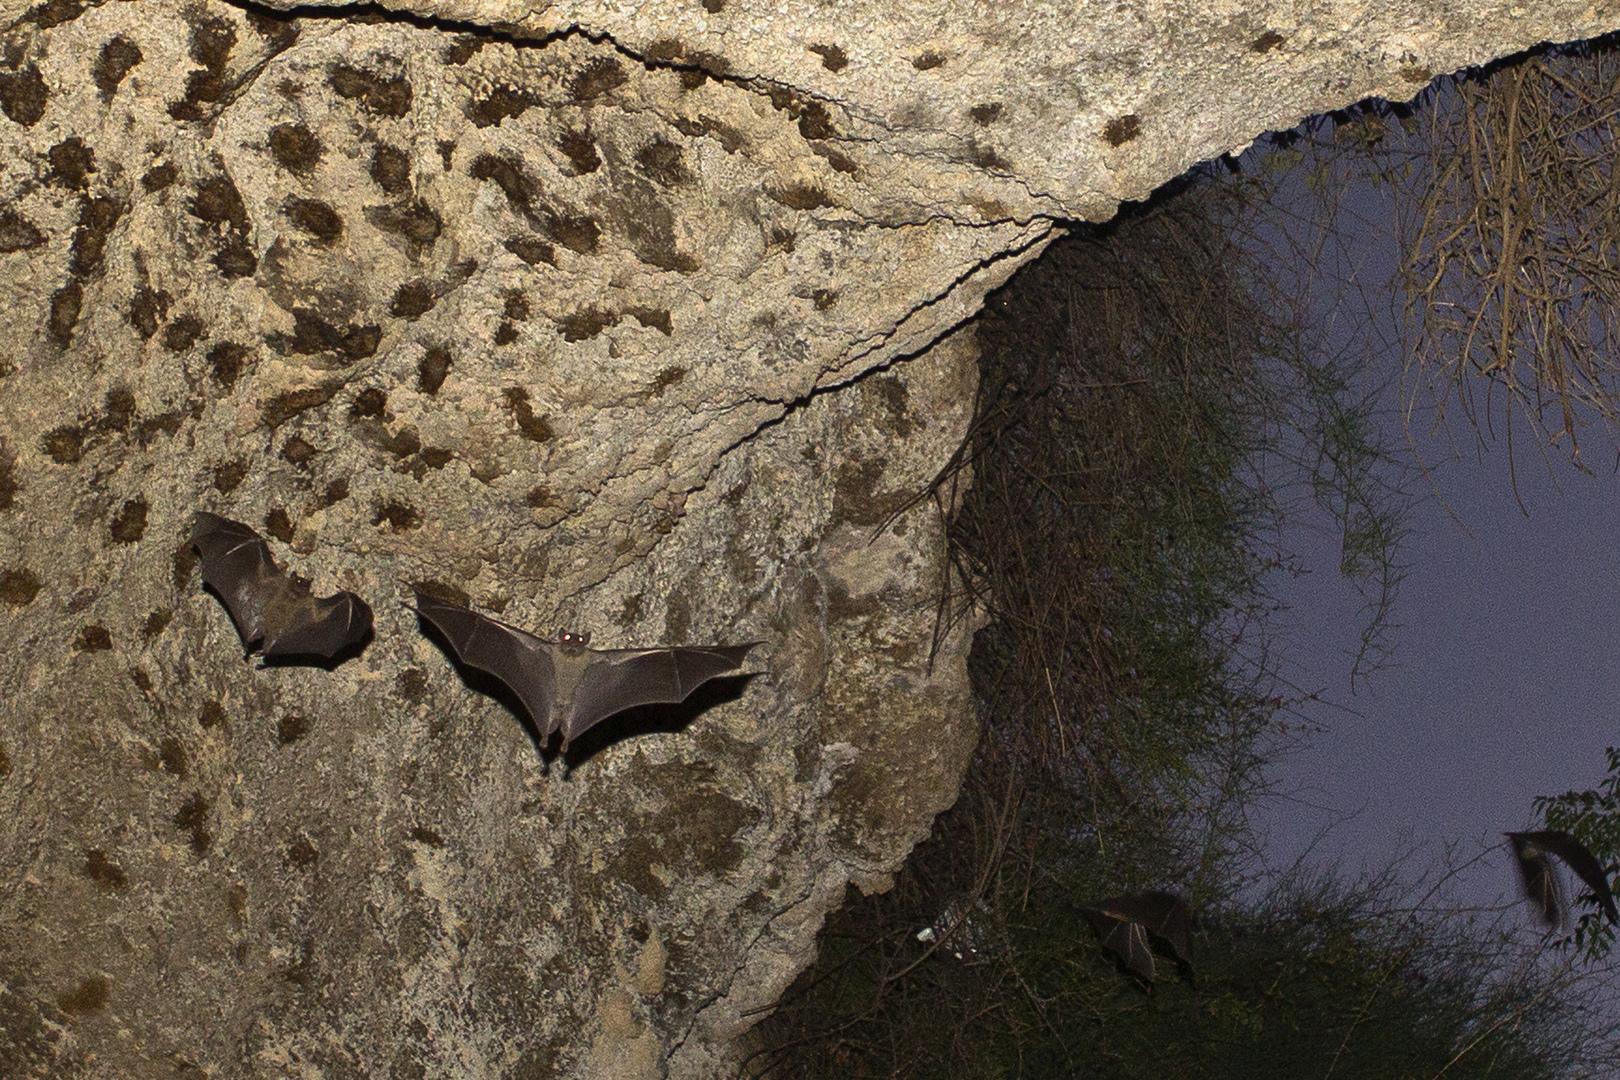 وسط جدل عن منشأ كورونا.. خبراء صينيون يكتشفون فيروسات تاجية مشابهة لدى الخفافيش